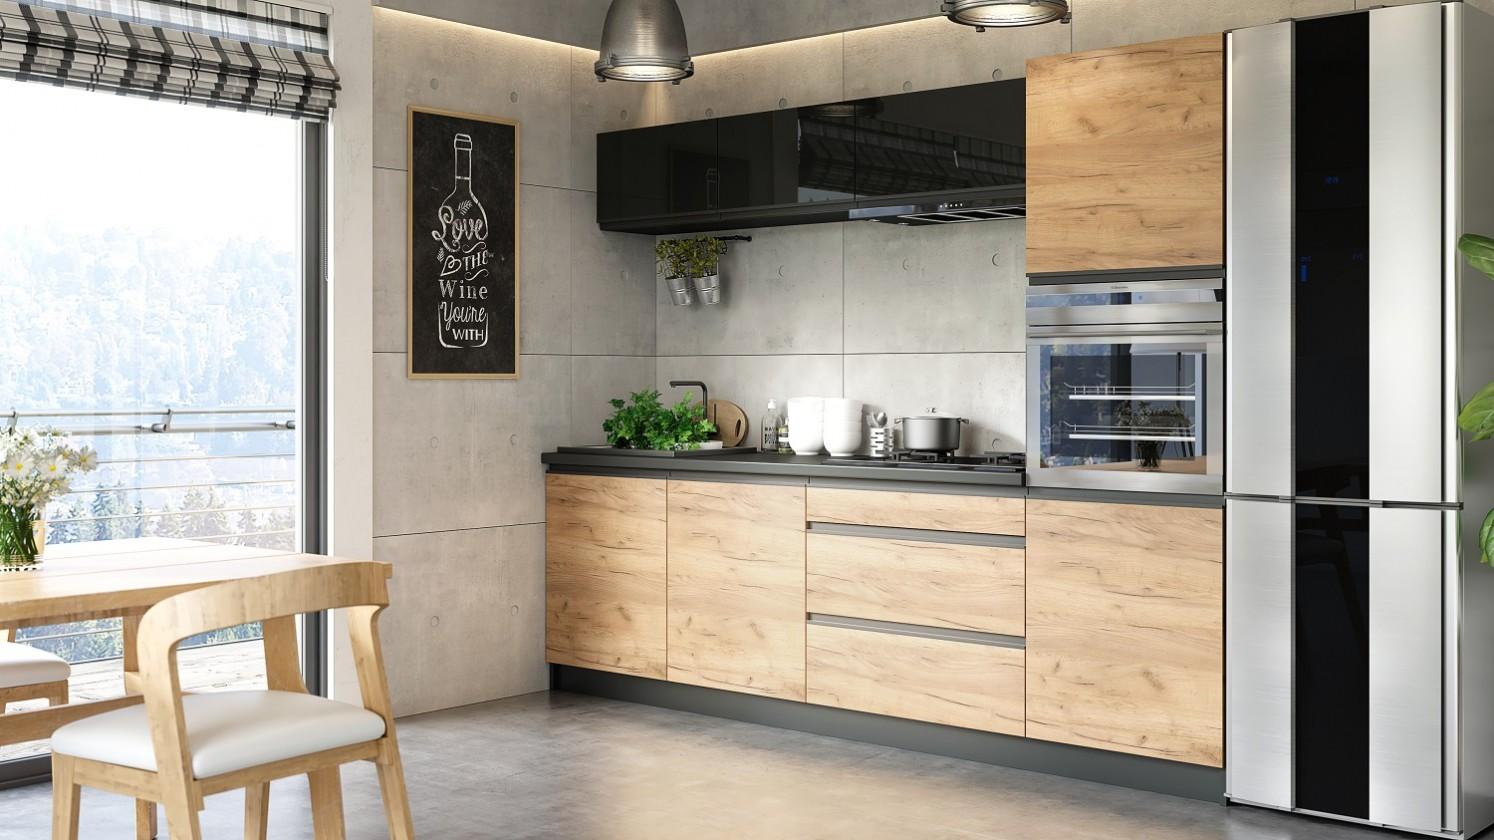 Zlevněné kuchyně, jídelny Kuchyně Brick - 260 cm (černá vysoký lesk/craft) - II. jakost